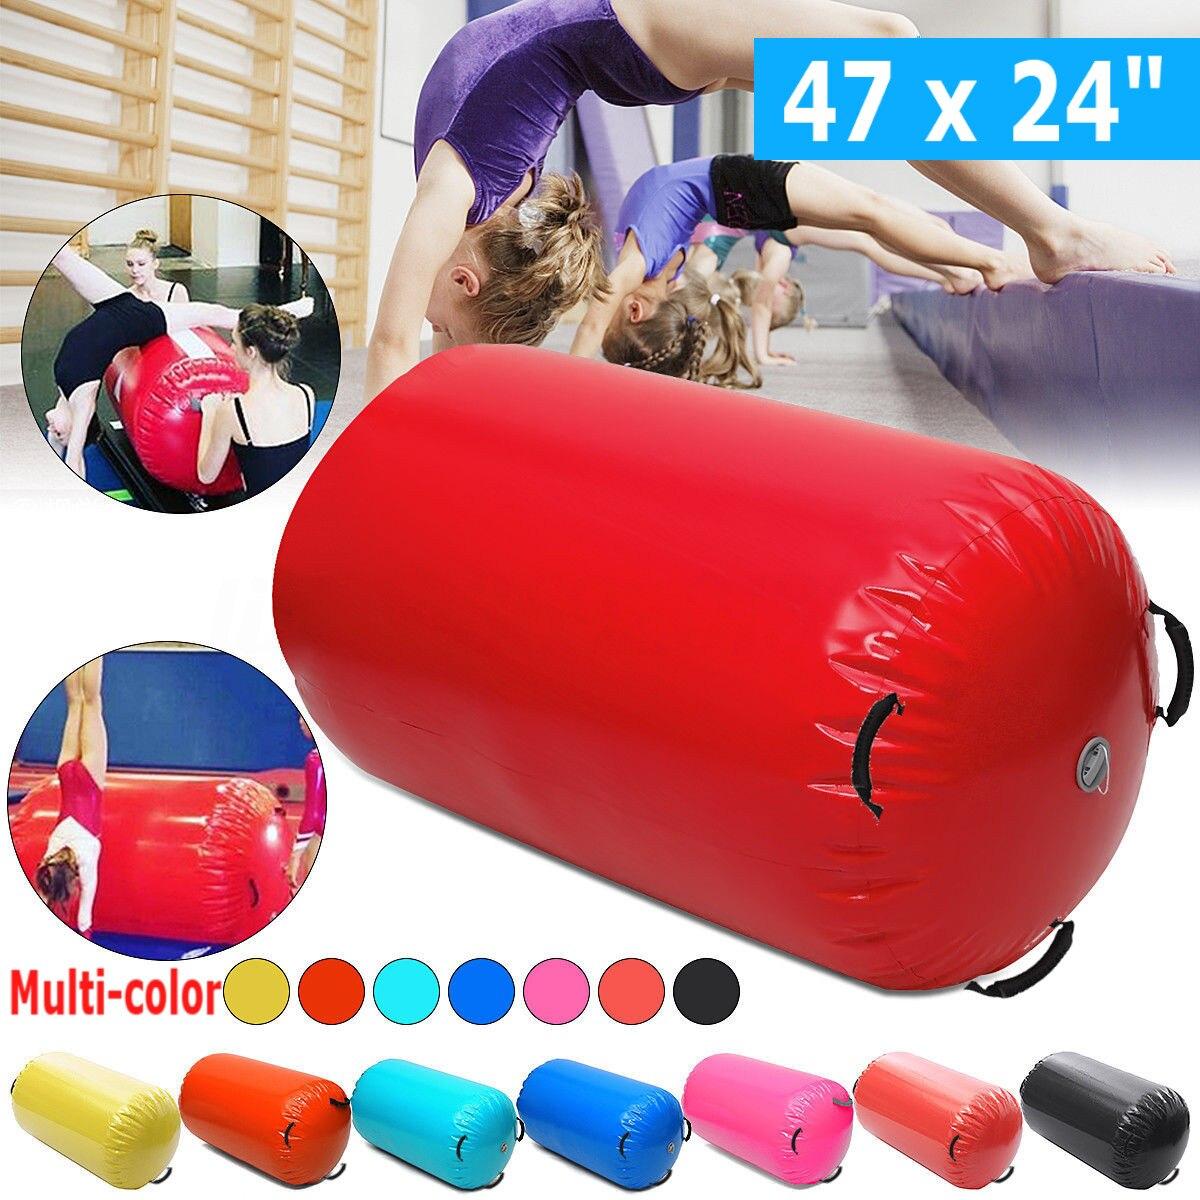 Colonne gonflable d'exercice de cylindre de gymnastique de Yoga de poutre de rouleaux d'air de gymnastique de 120x60 cm